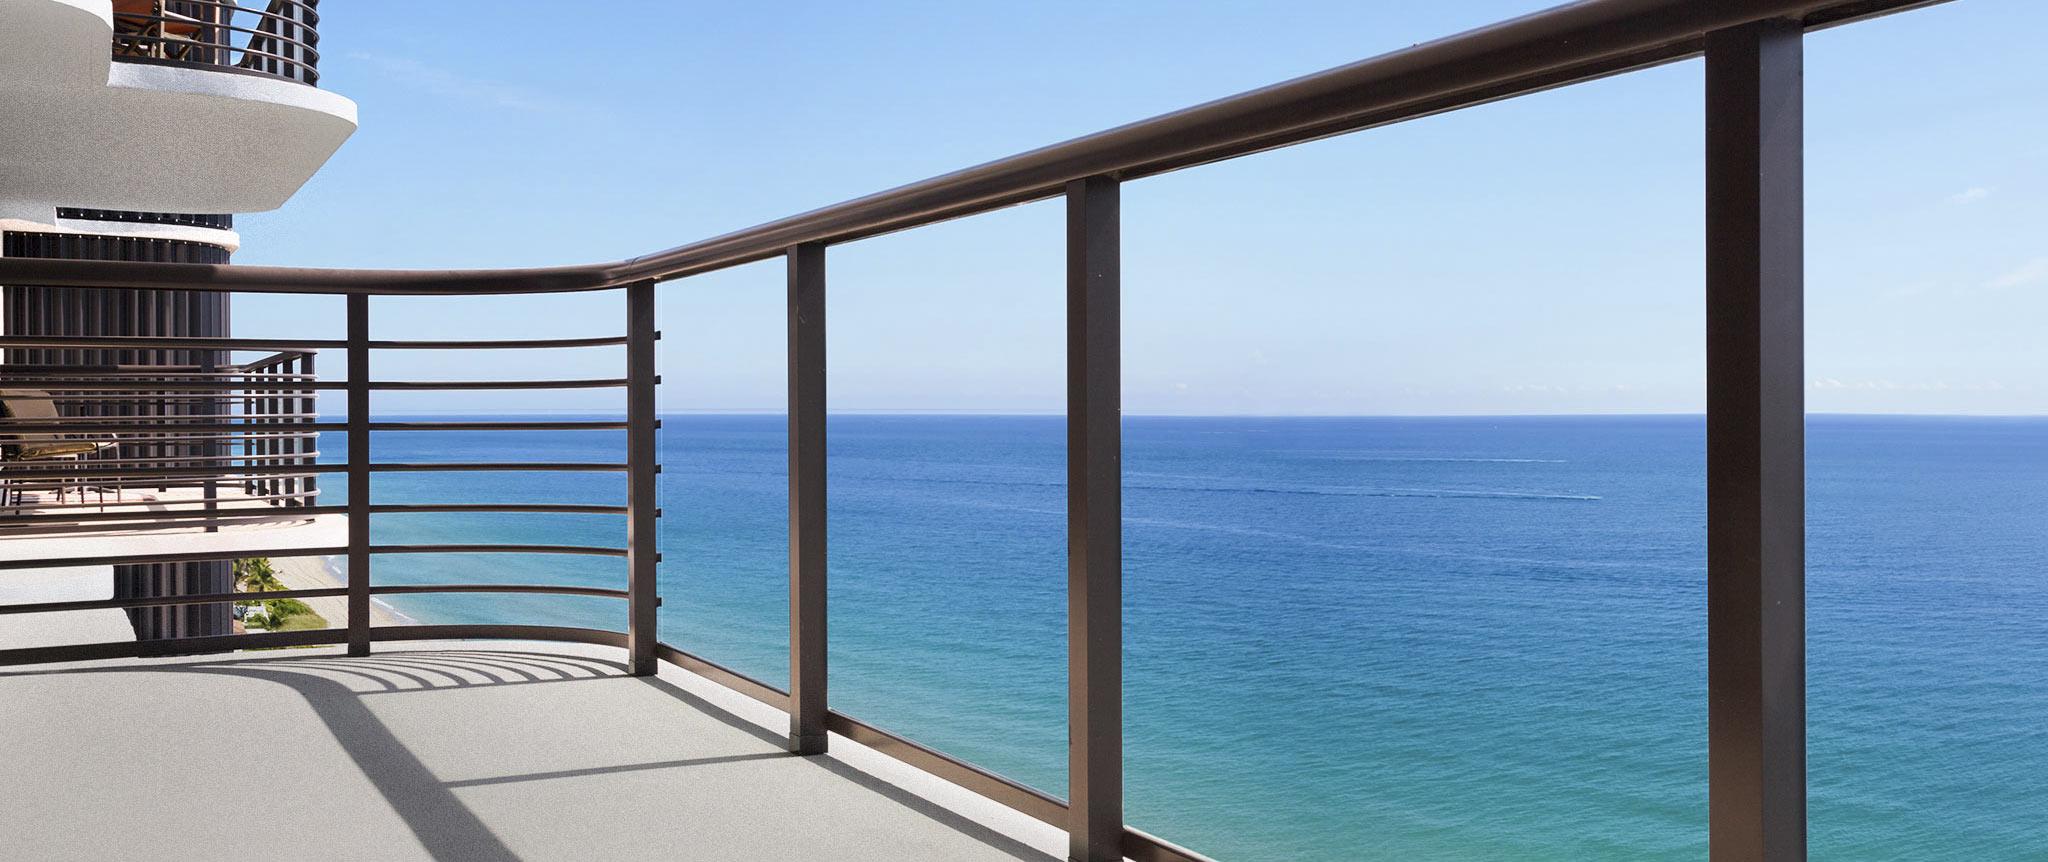 Boca Raton guardrail fabrication for the Marbella Condominiums.